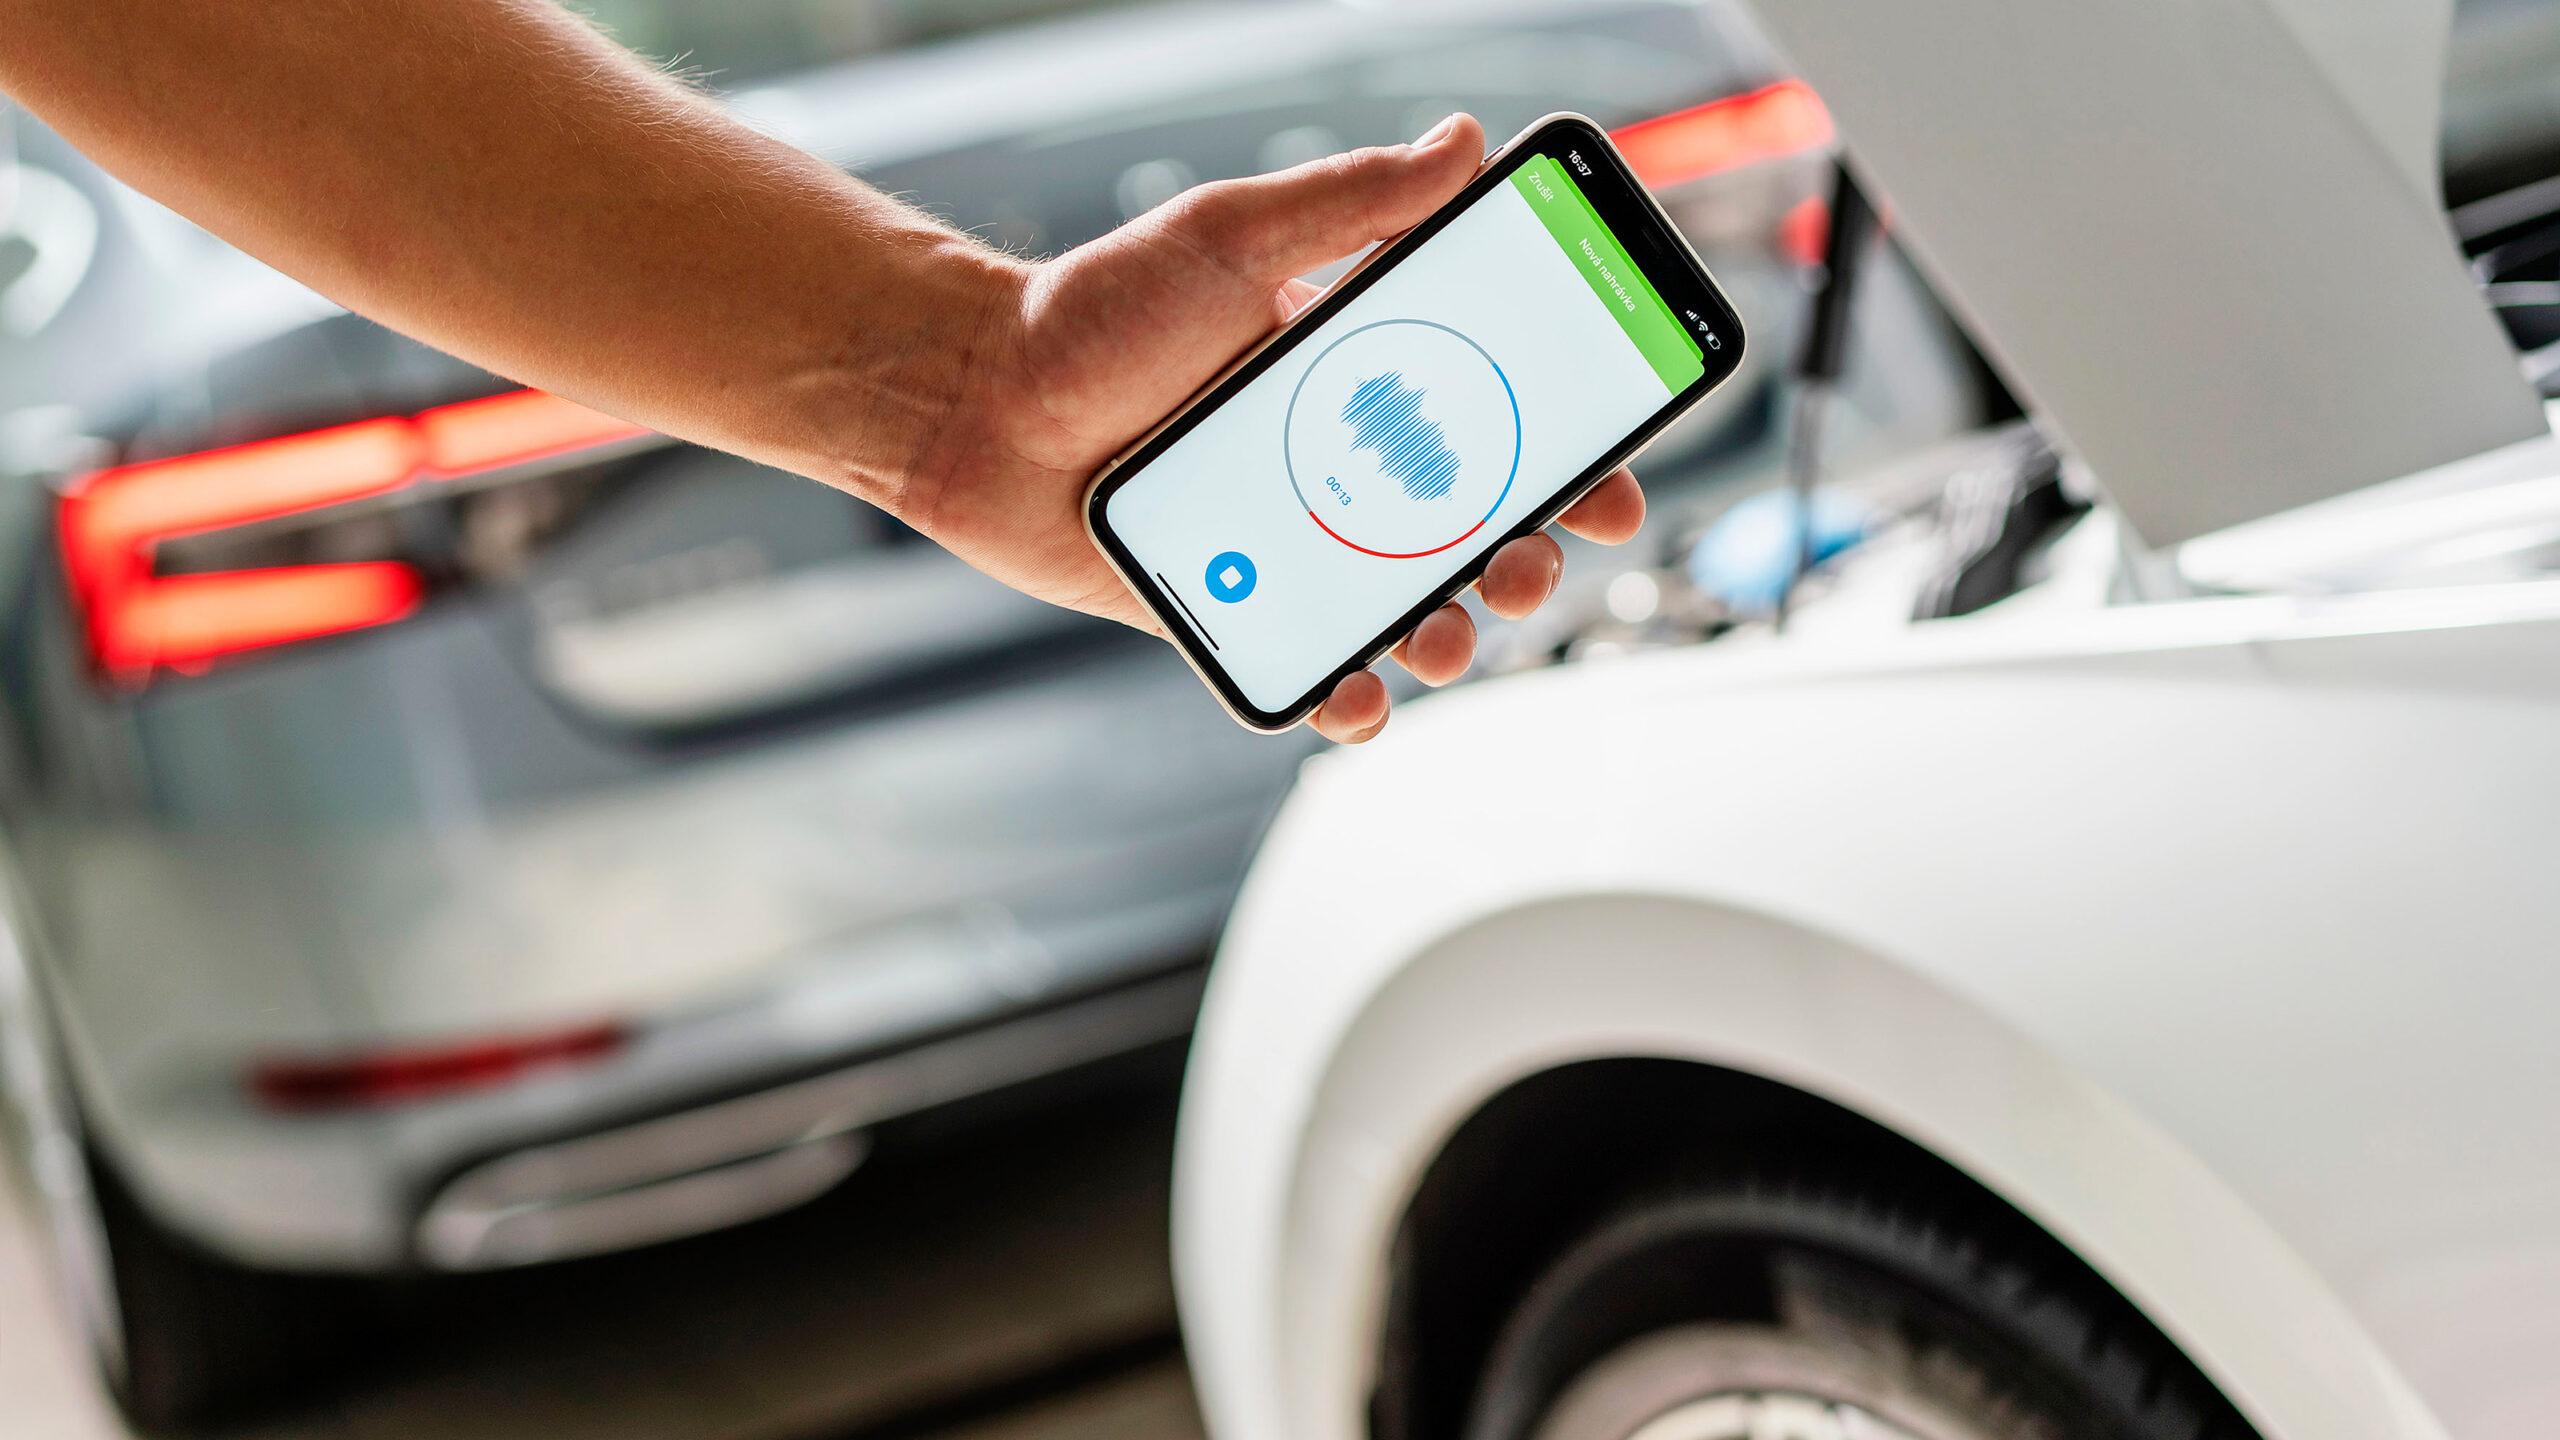 تطبيق ذكي من سكودا يحدد أعطال السيارة من خلال صوتها